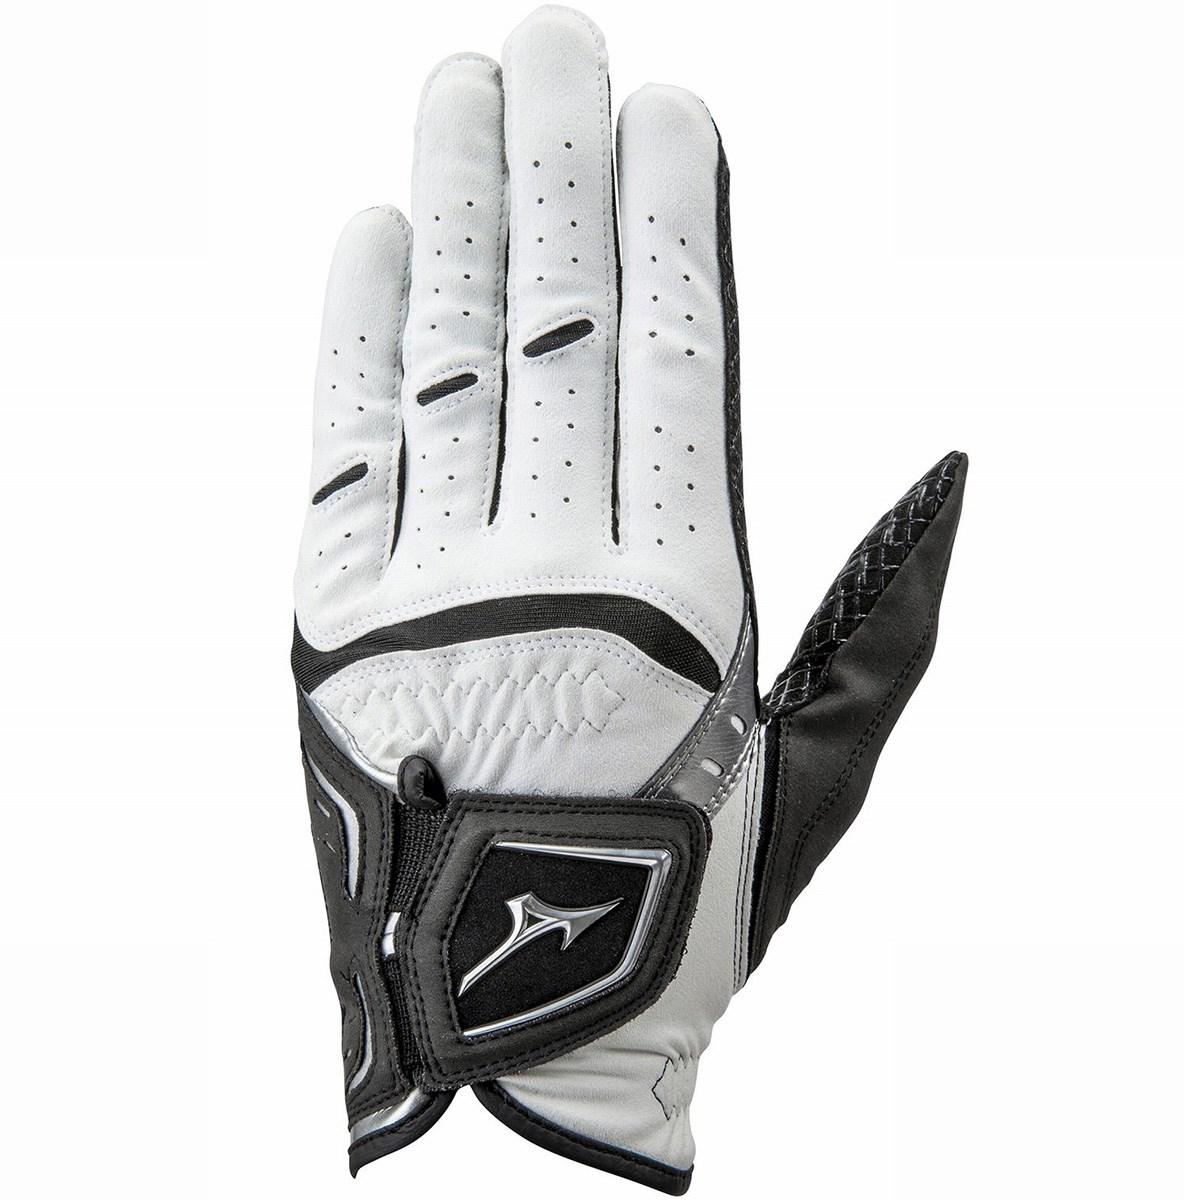 ミズノ MIZUNO OP W-GRIP グローブ 指先ショートタイプ 24cm 左手着用(右利き用) ホワイト/ブラック